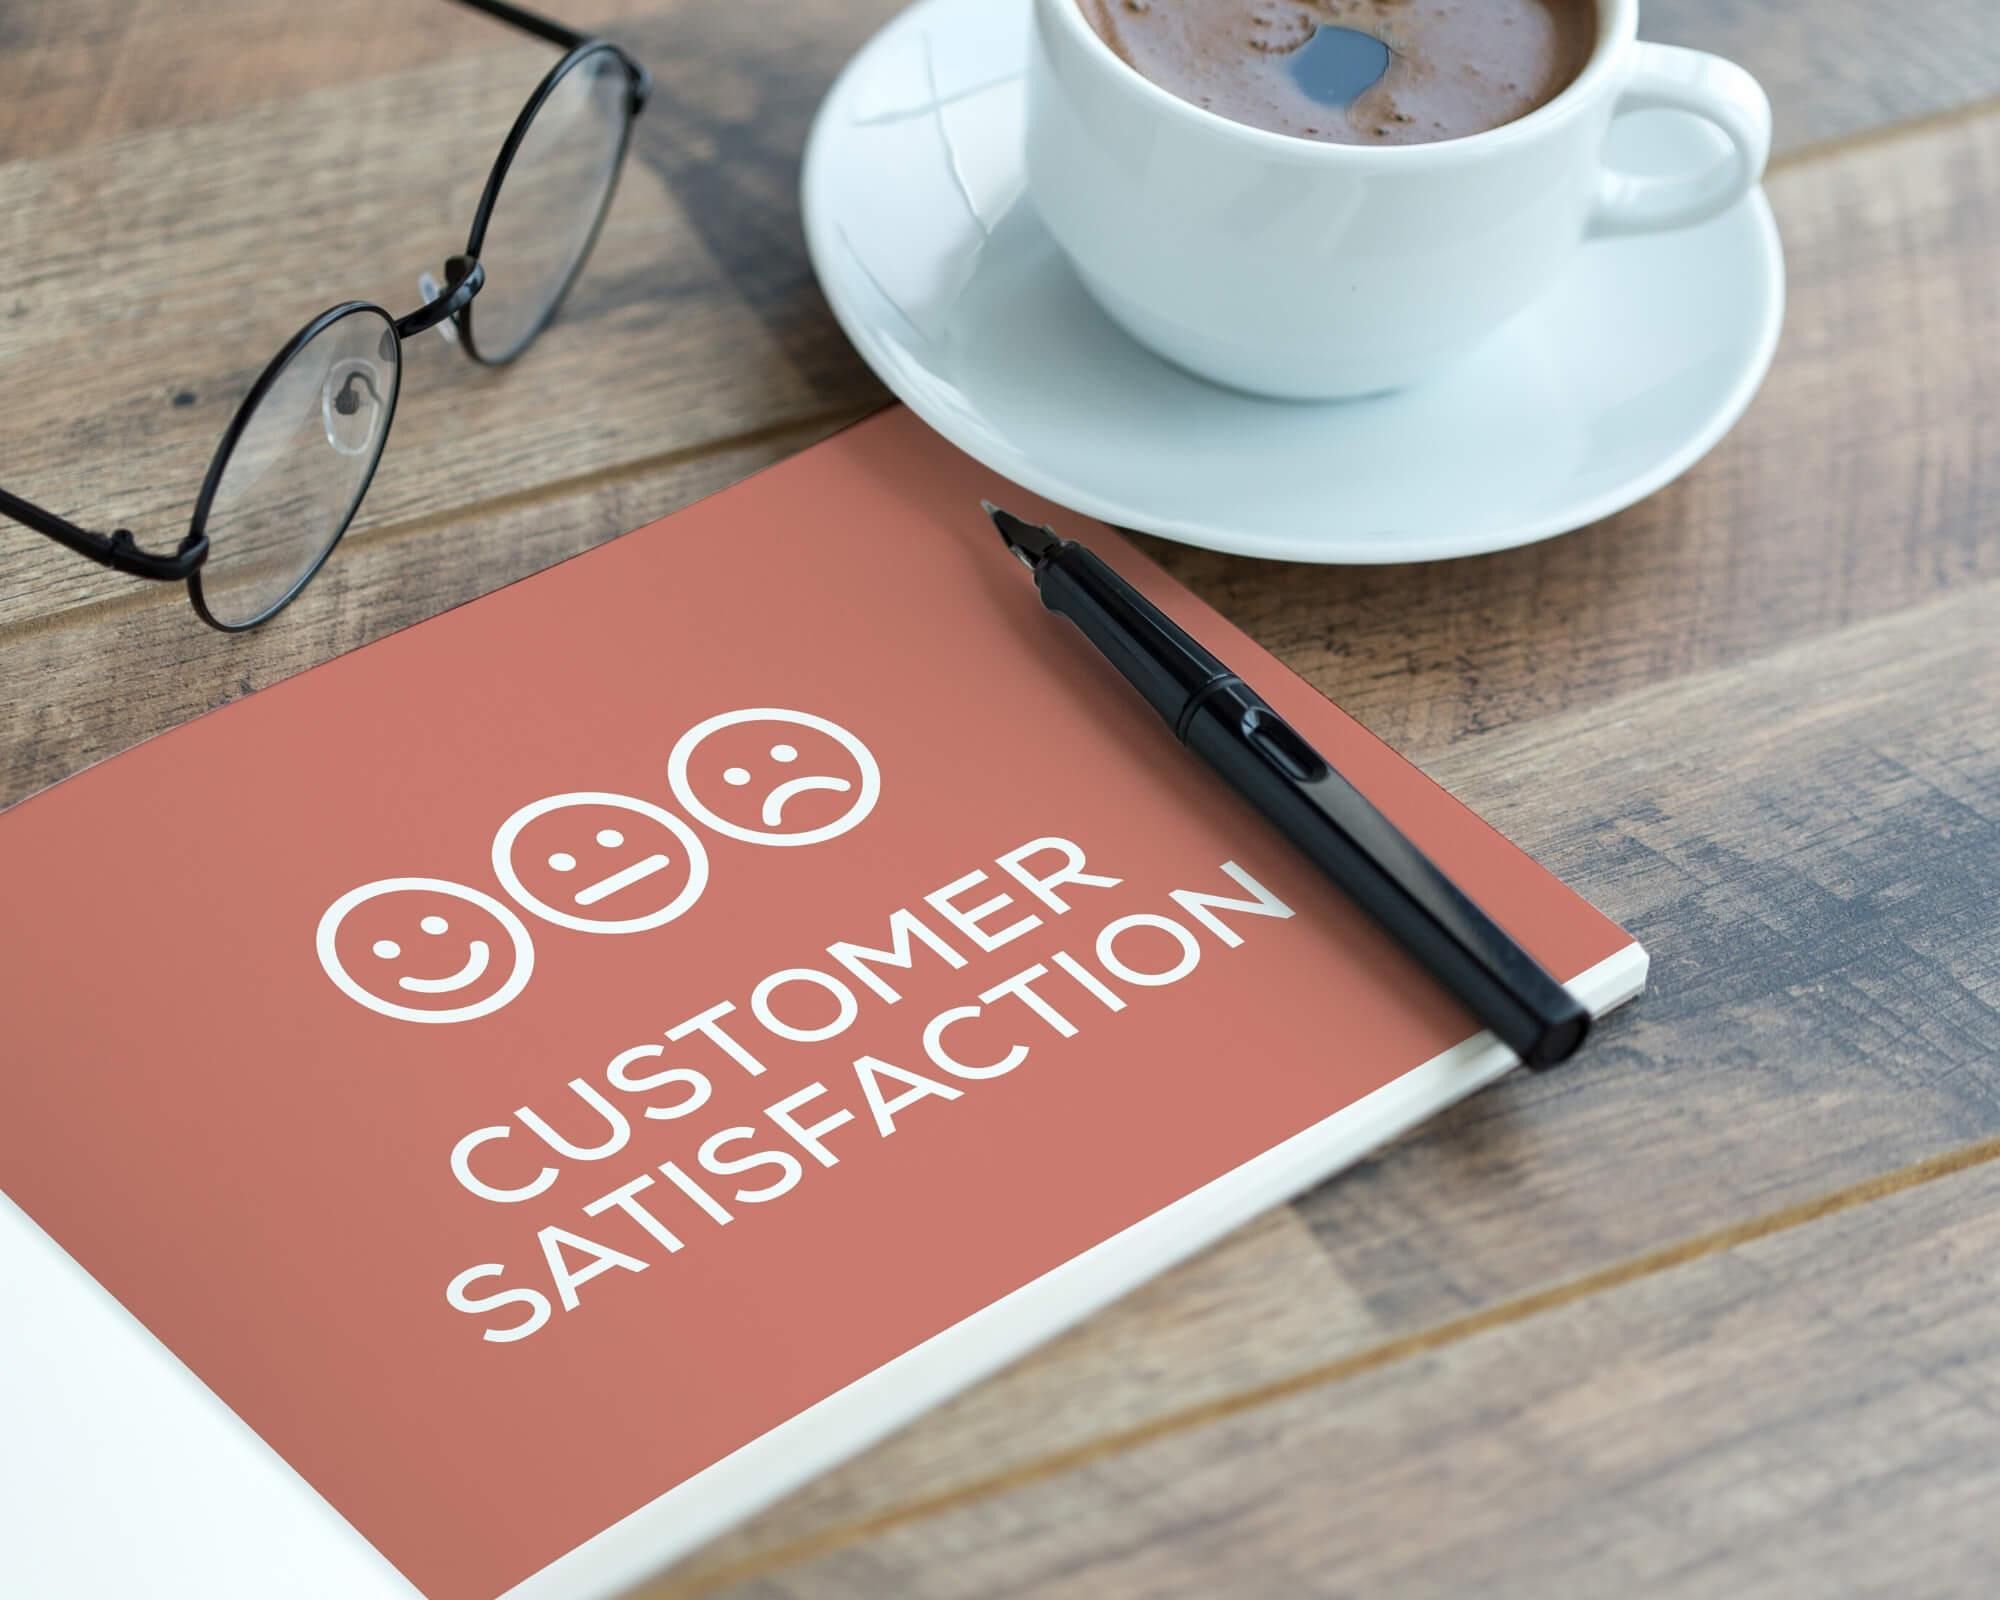 las empresas ponen el foco en la satisfacción del cliente